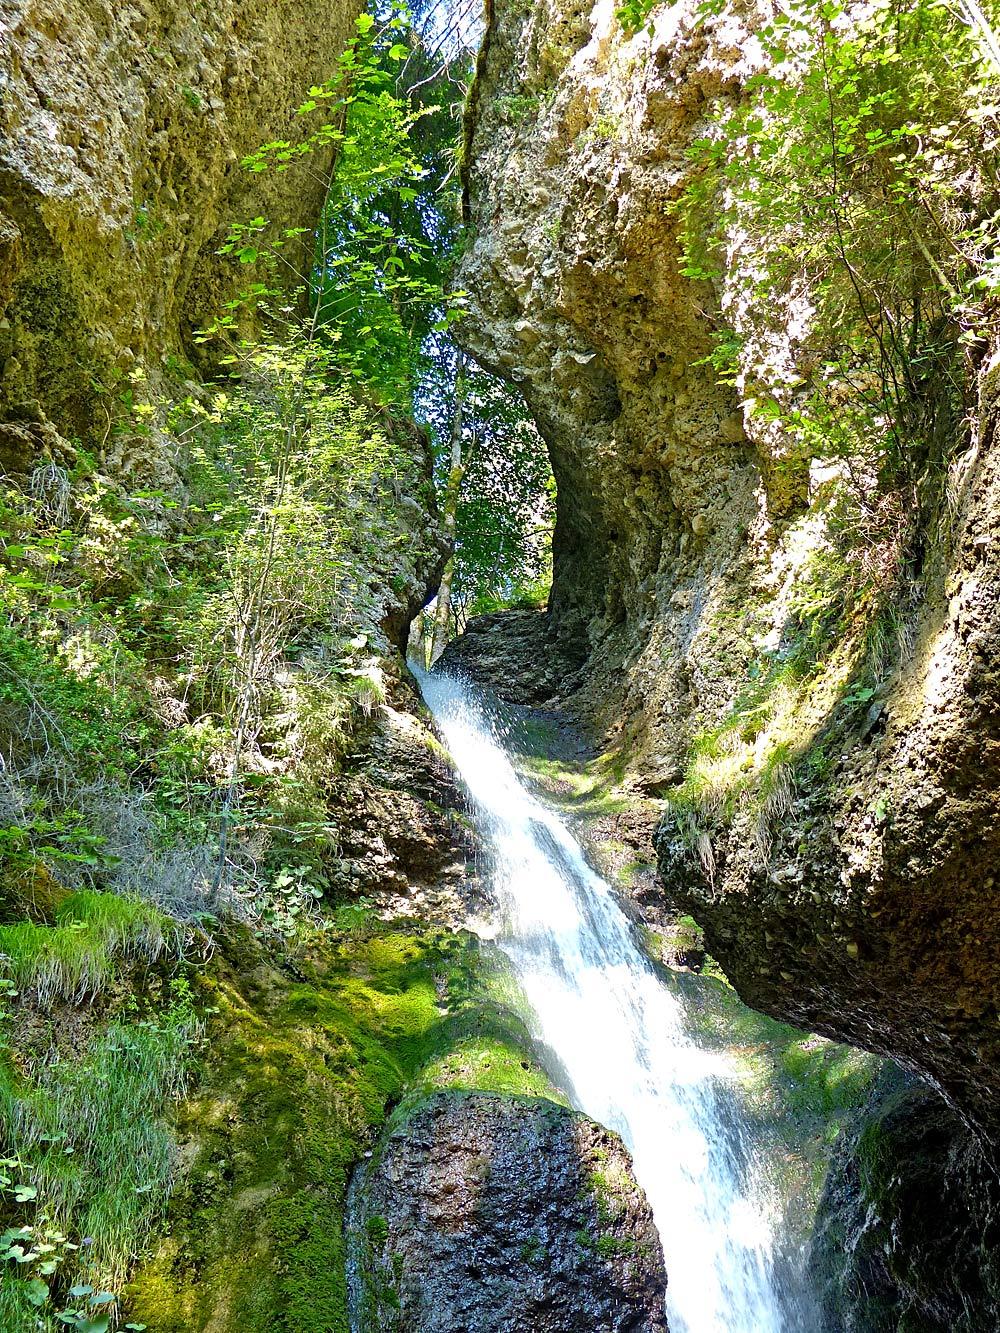 Hinanger Wasserfall mit Quelltuff-Formationen bei Fischen